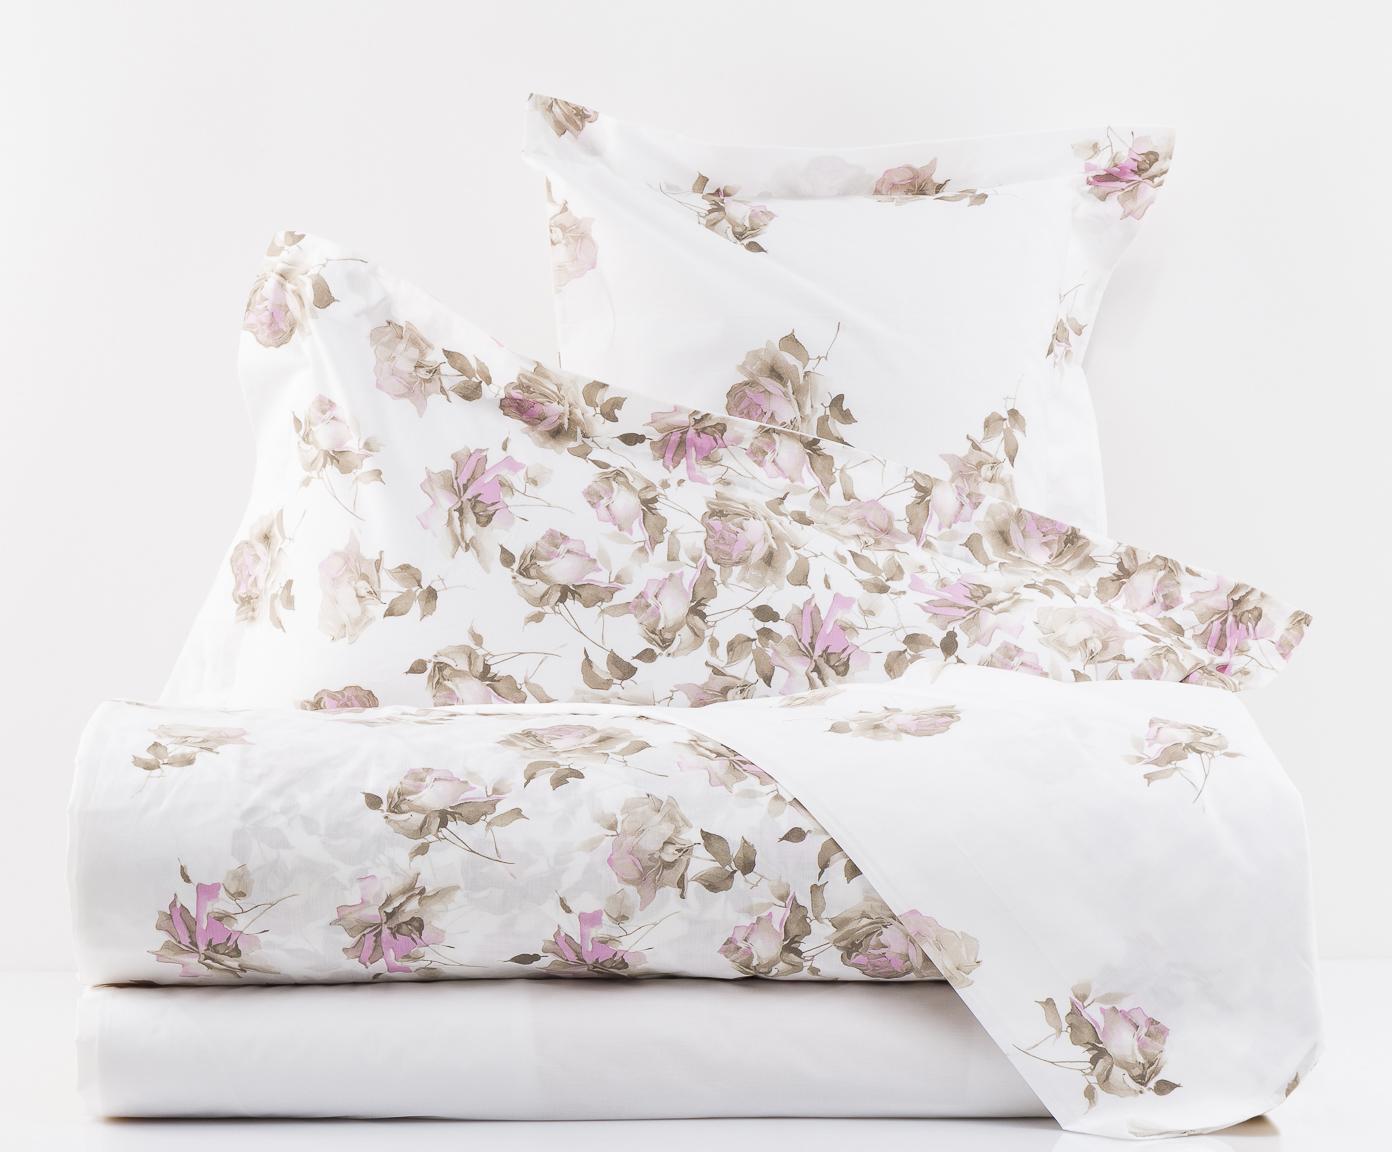 Постельное Постельное белье 2 спальное евро макси Mirabello Ombre di Rose розовое postelnoe-belie-2-spalnoe-evro-maksi-mirabello-ombre-di-rose-rozovoe-italiya.jpg